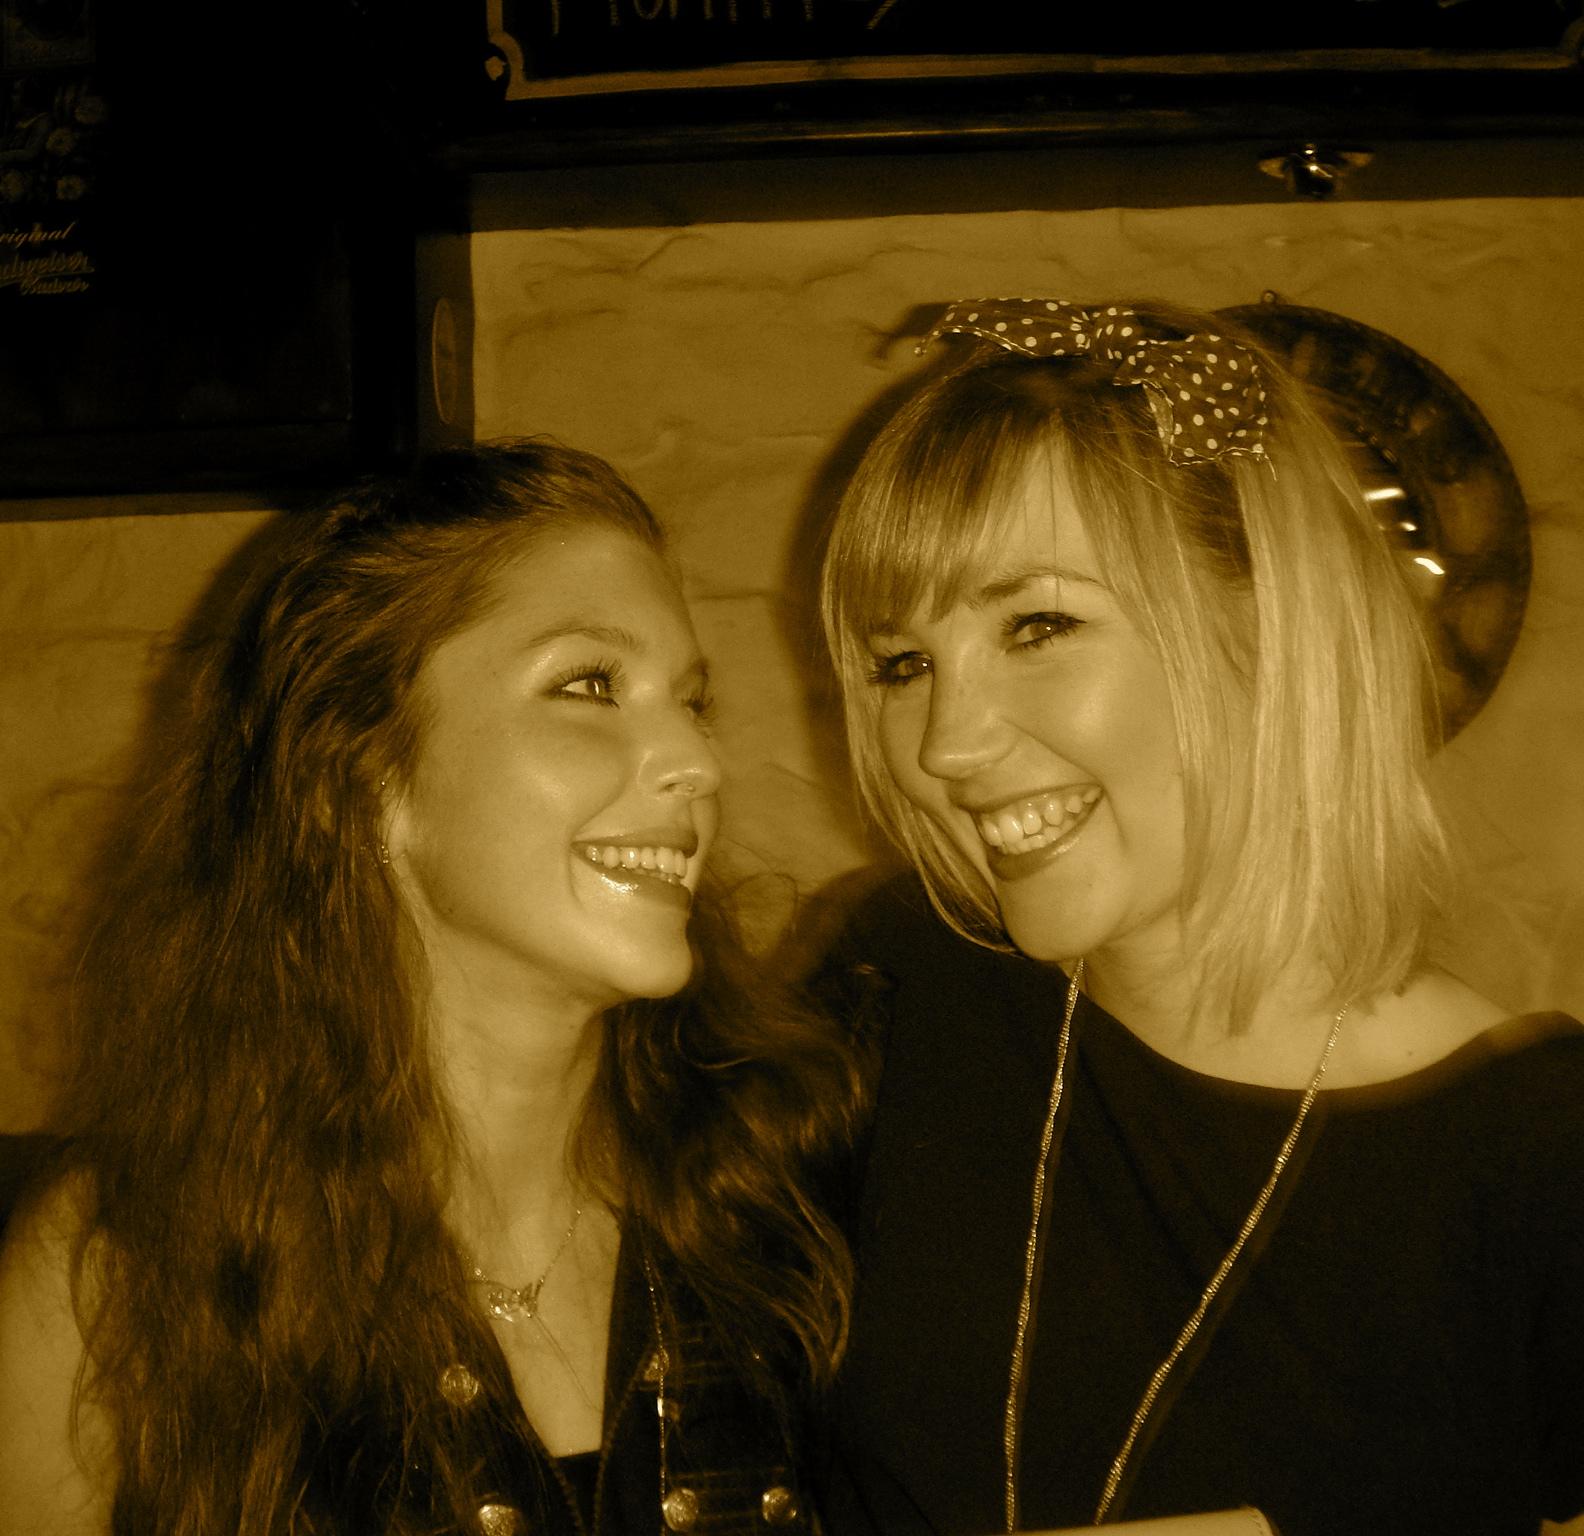 Sarah with her close friend, Sarah Martin